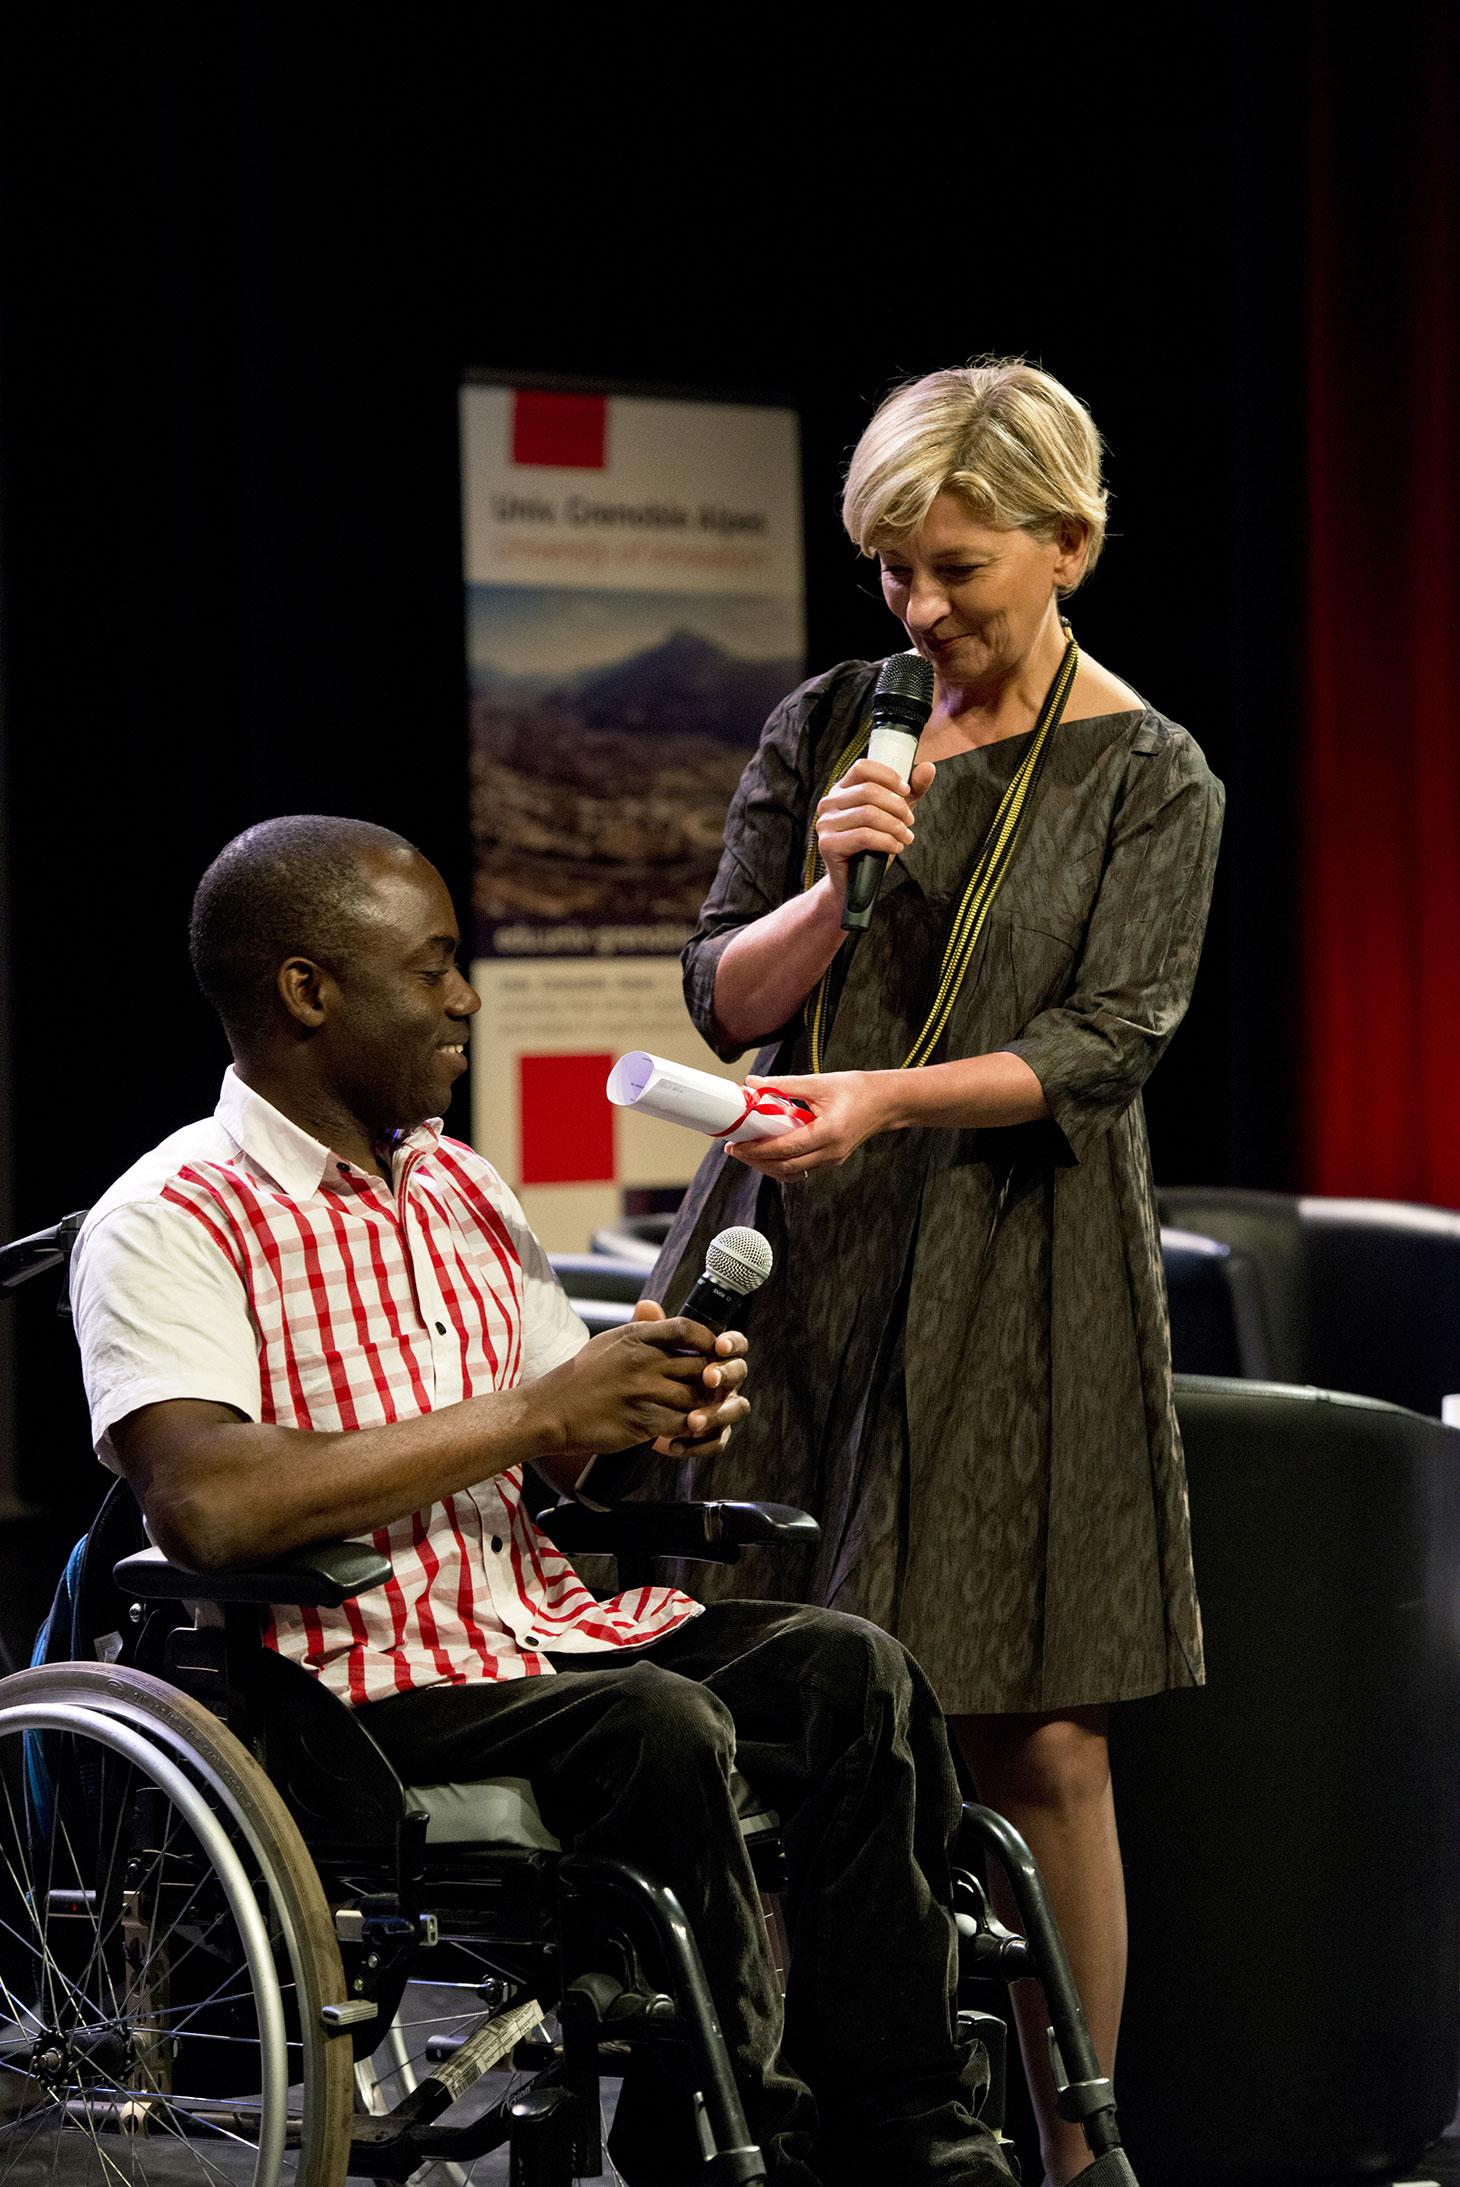 Anne-Catherine Ohlmann, Directrice Générale de la Fondation UGA remettant la bourse coup de pouce à Gérard Kologo, étudiant en M2 psychologie du travail à l'UGA